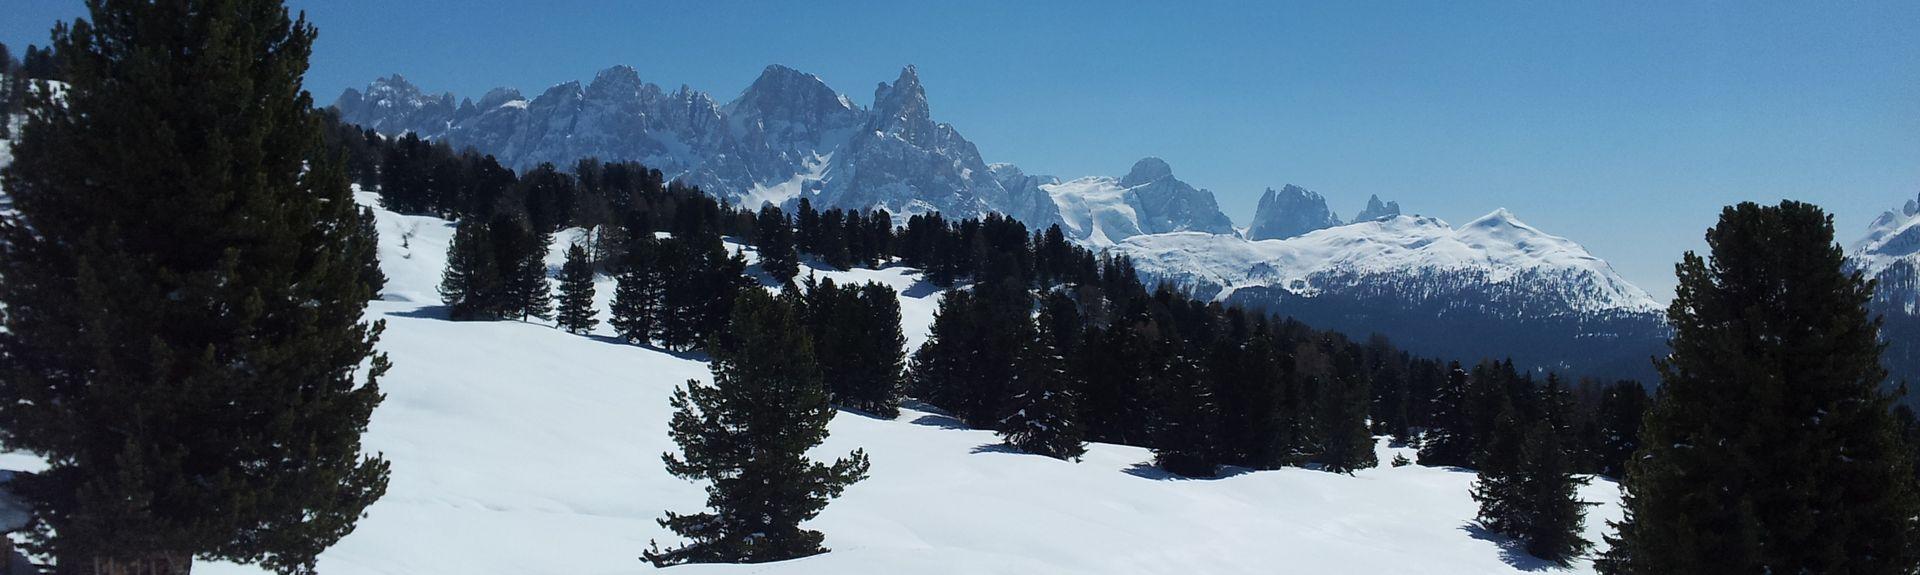 Fie allo Sciliar, Trentino-Syd-Tirol, Italia